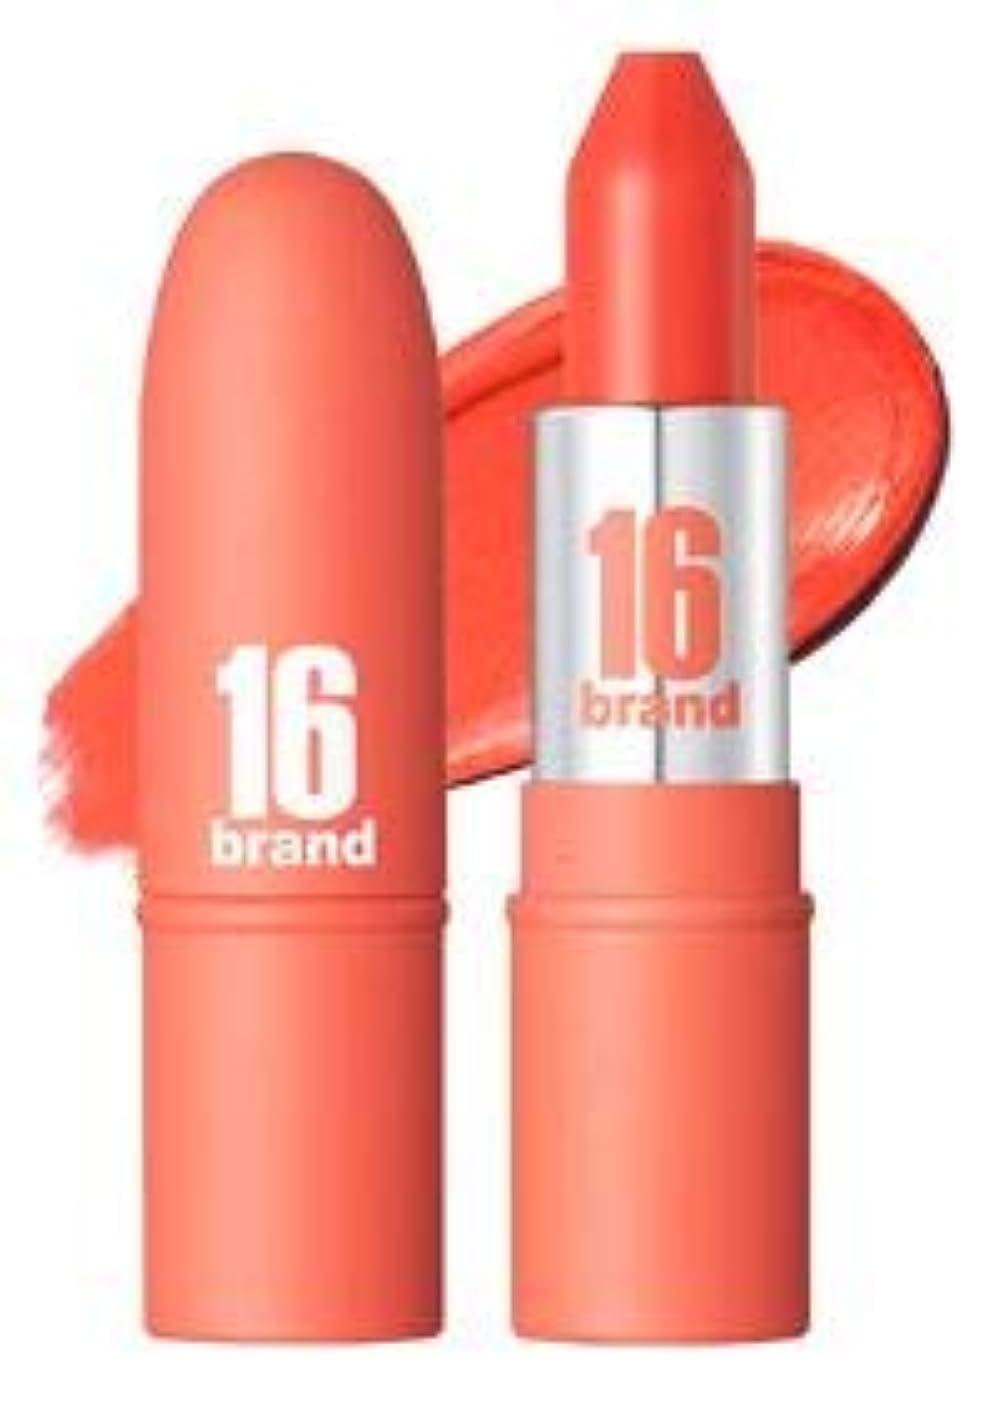 検査拘束する体現する[16 brand] R U 16 FRUIT-CHU EDITION/R U 16 フルーツチューエディション (#オレンジグレープフルーツ) [並行輸入品]